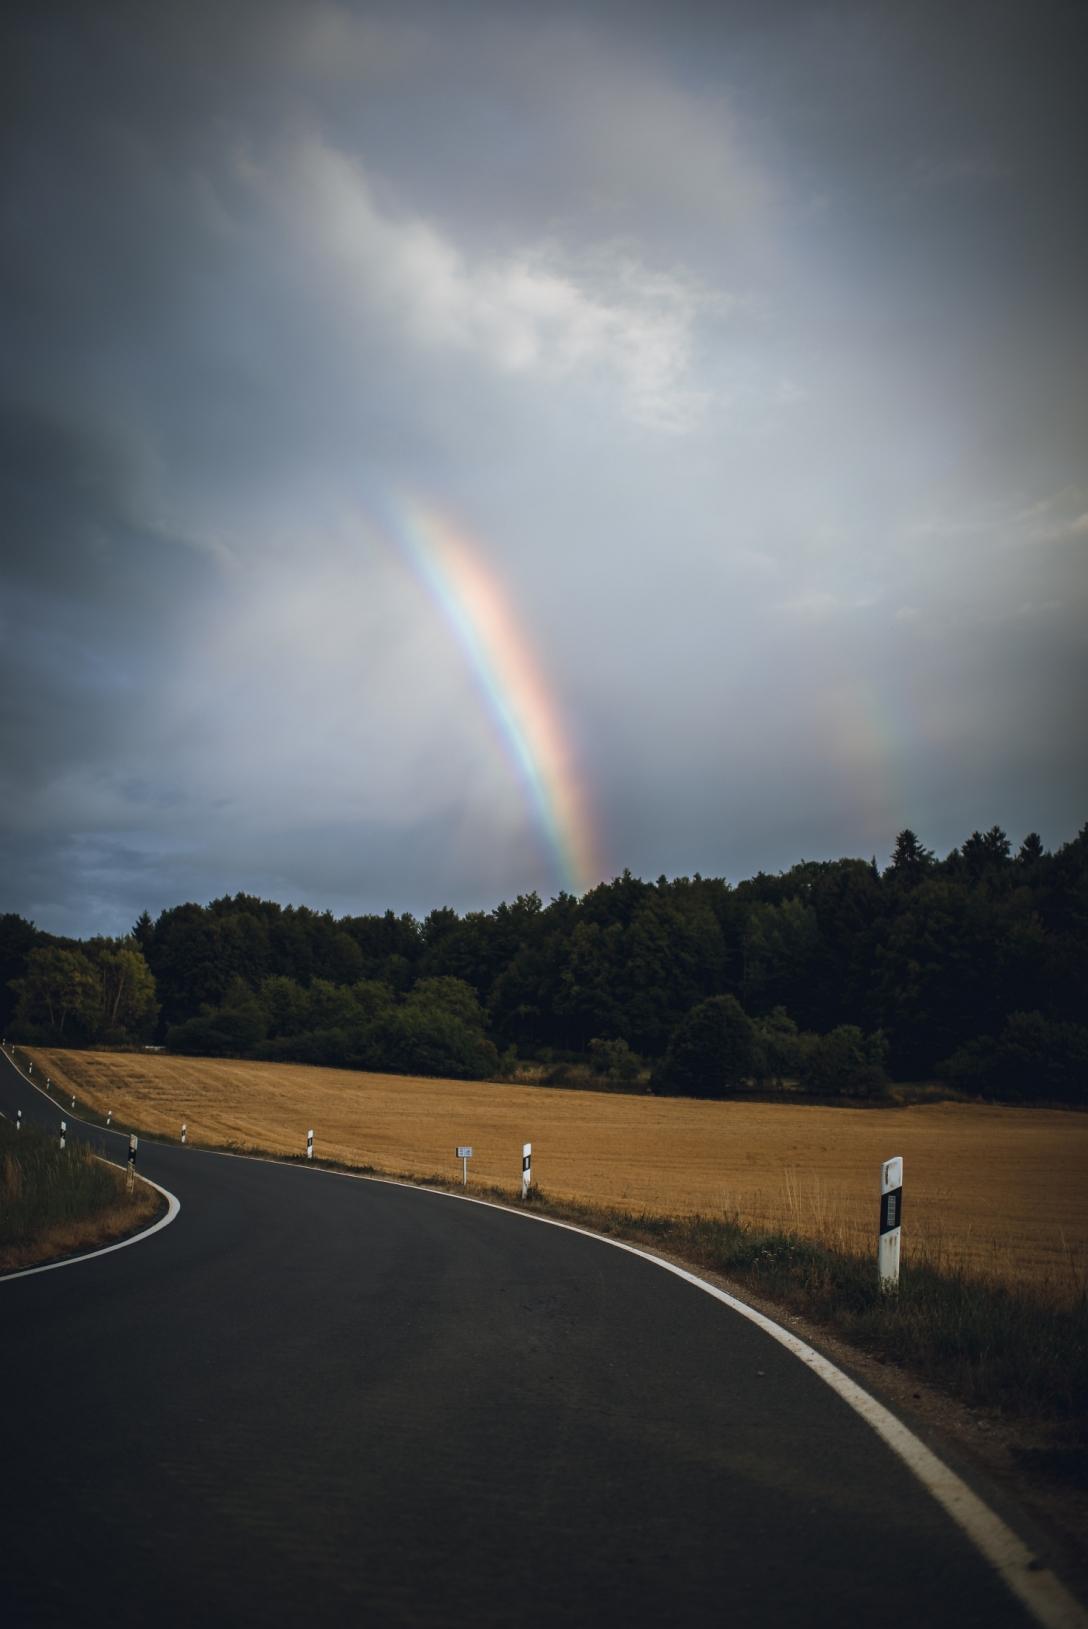 egloffstein-germany-landscape-photo- (7)